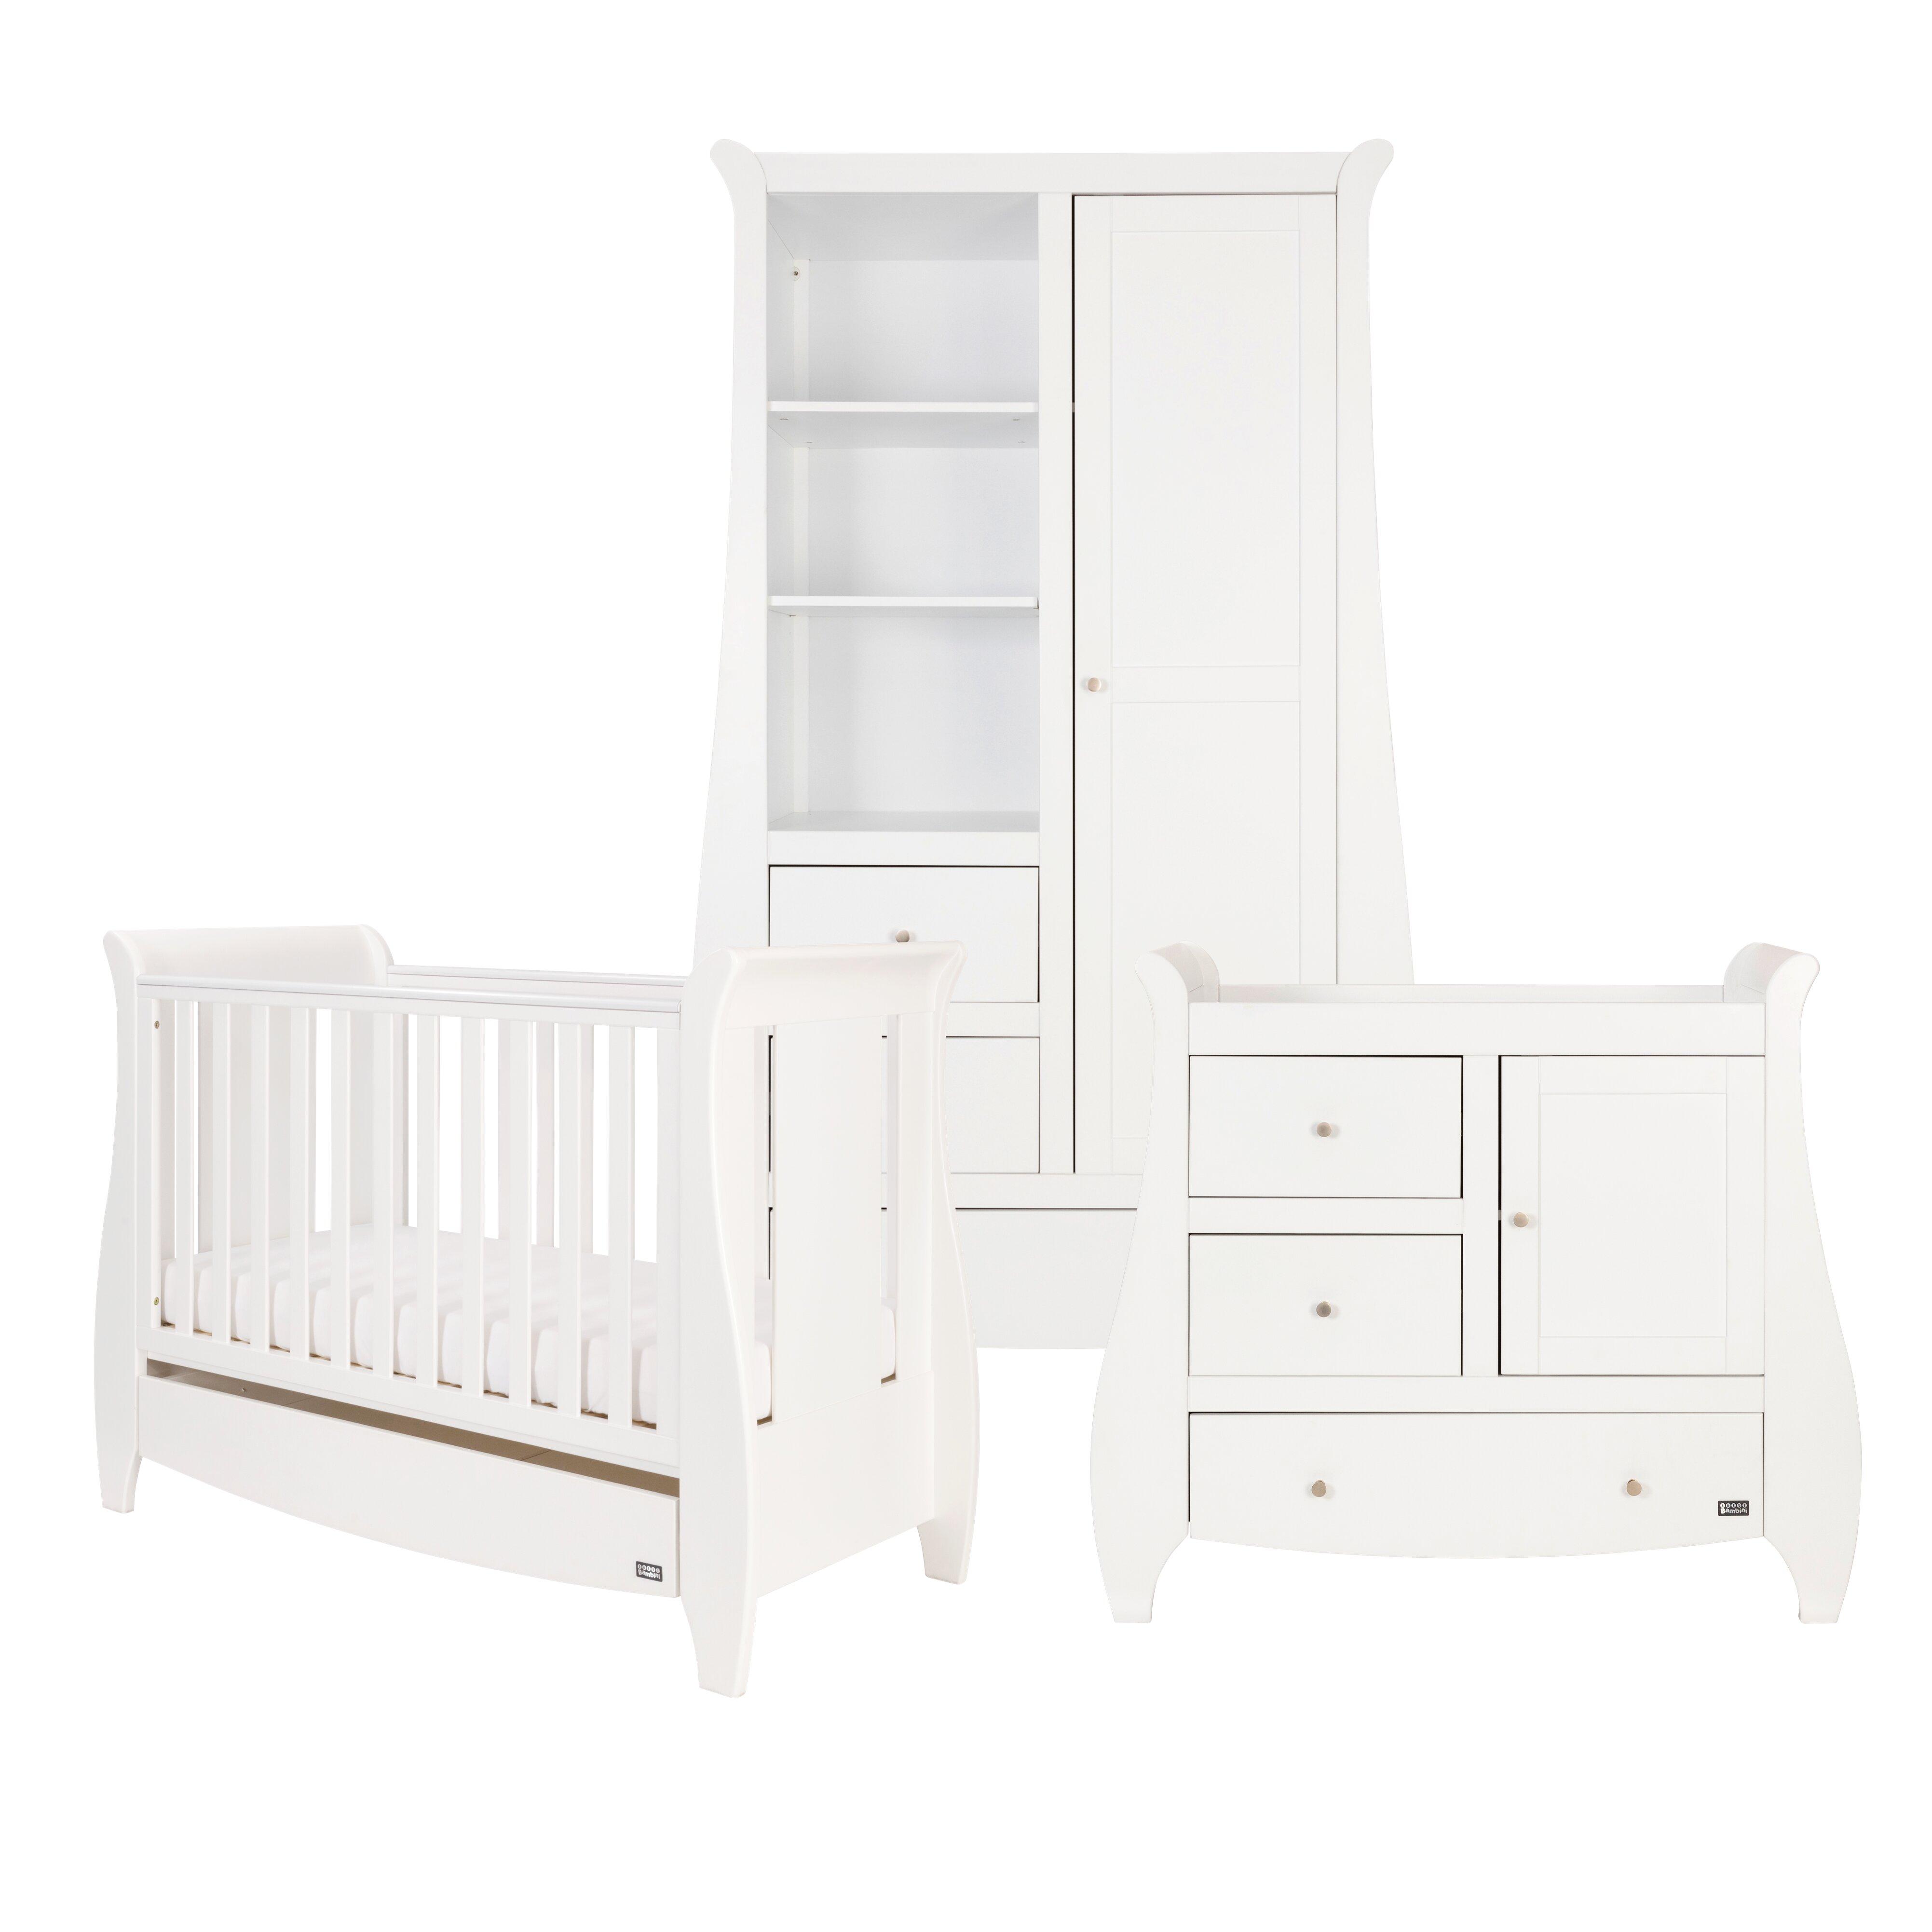 Lucas Cot Bed 3 Piece Nursery Furniture Set